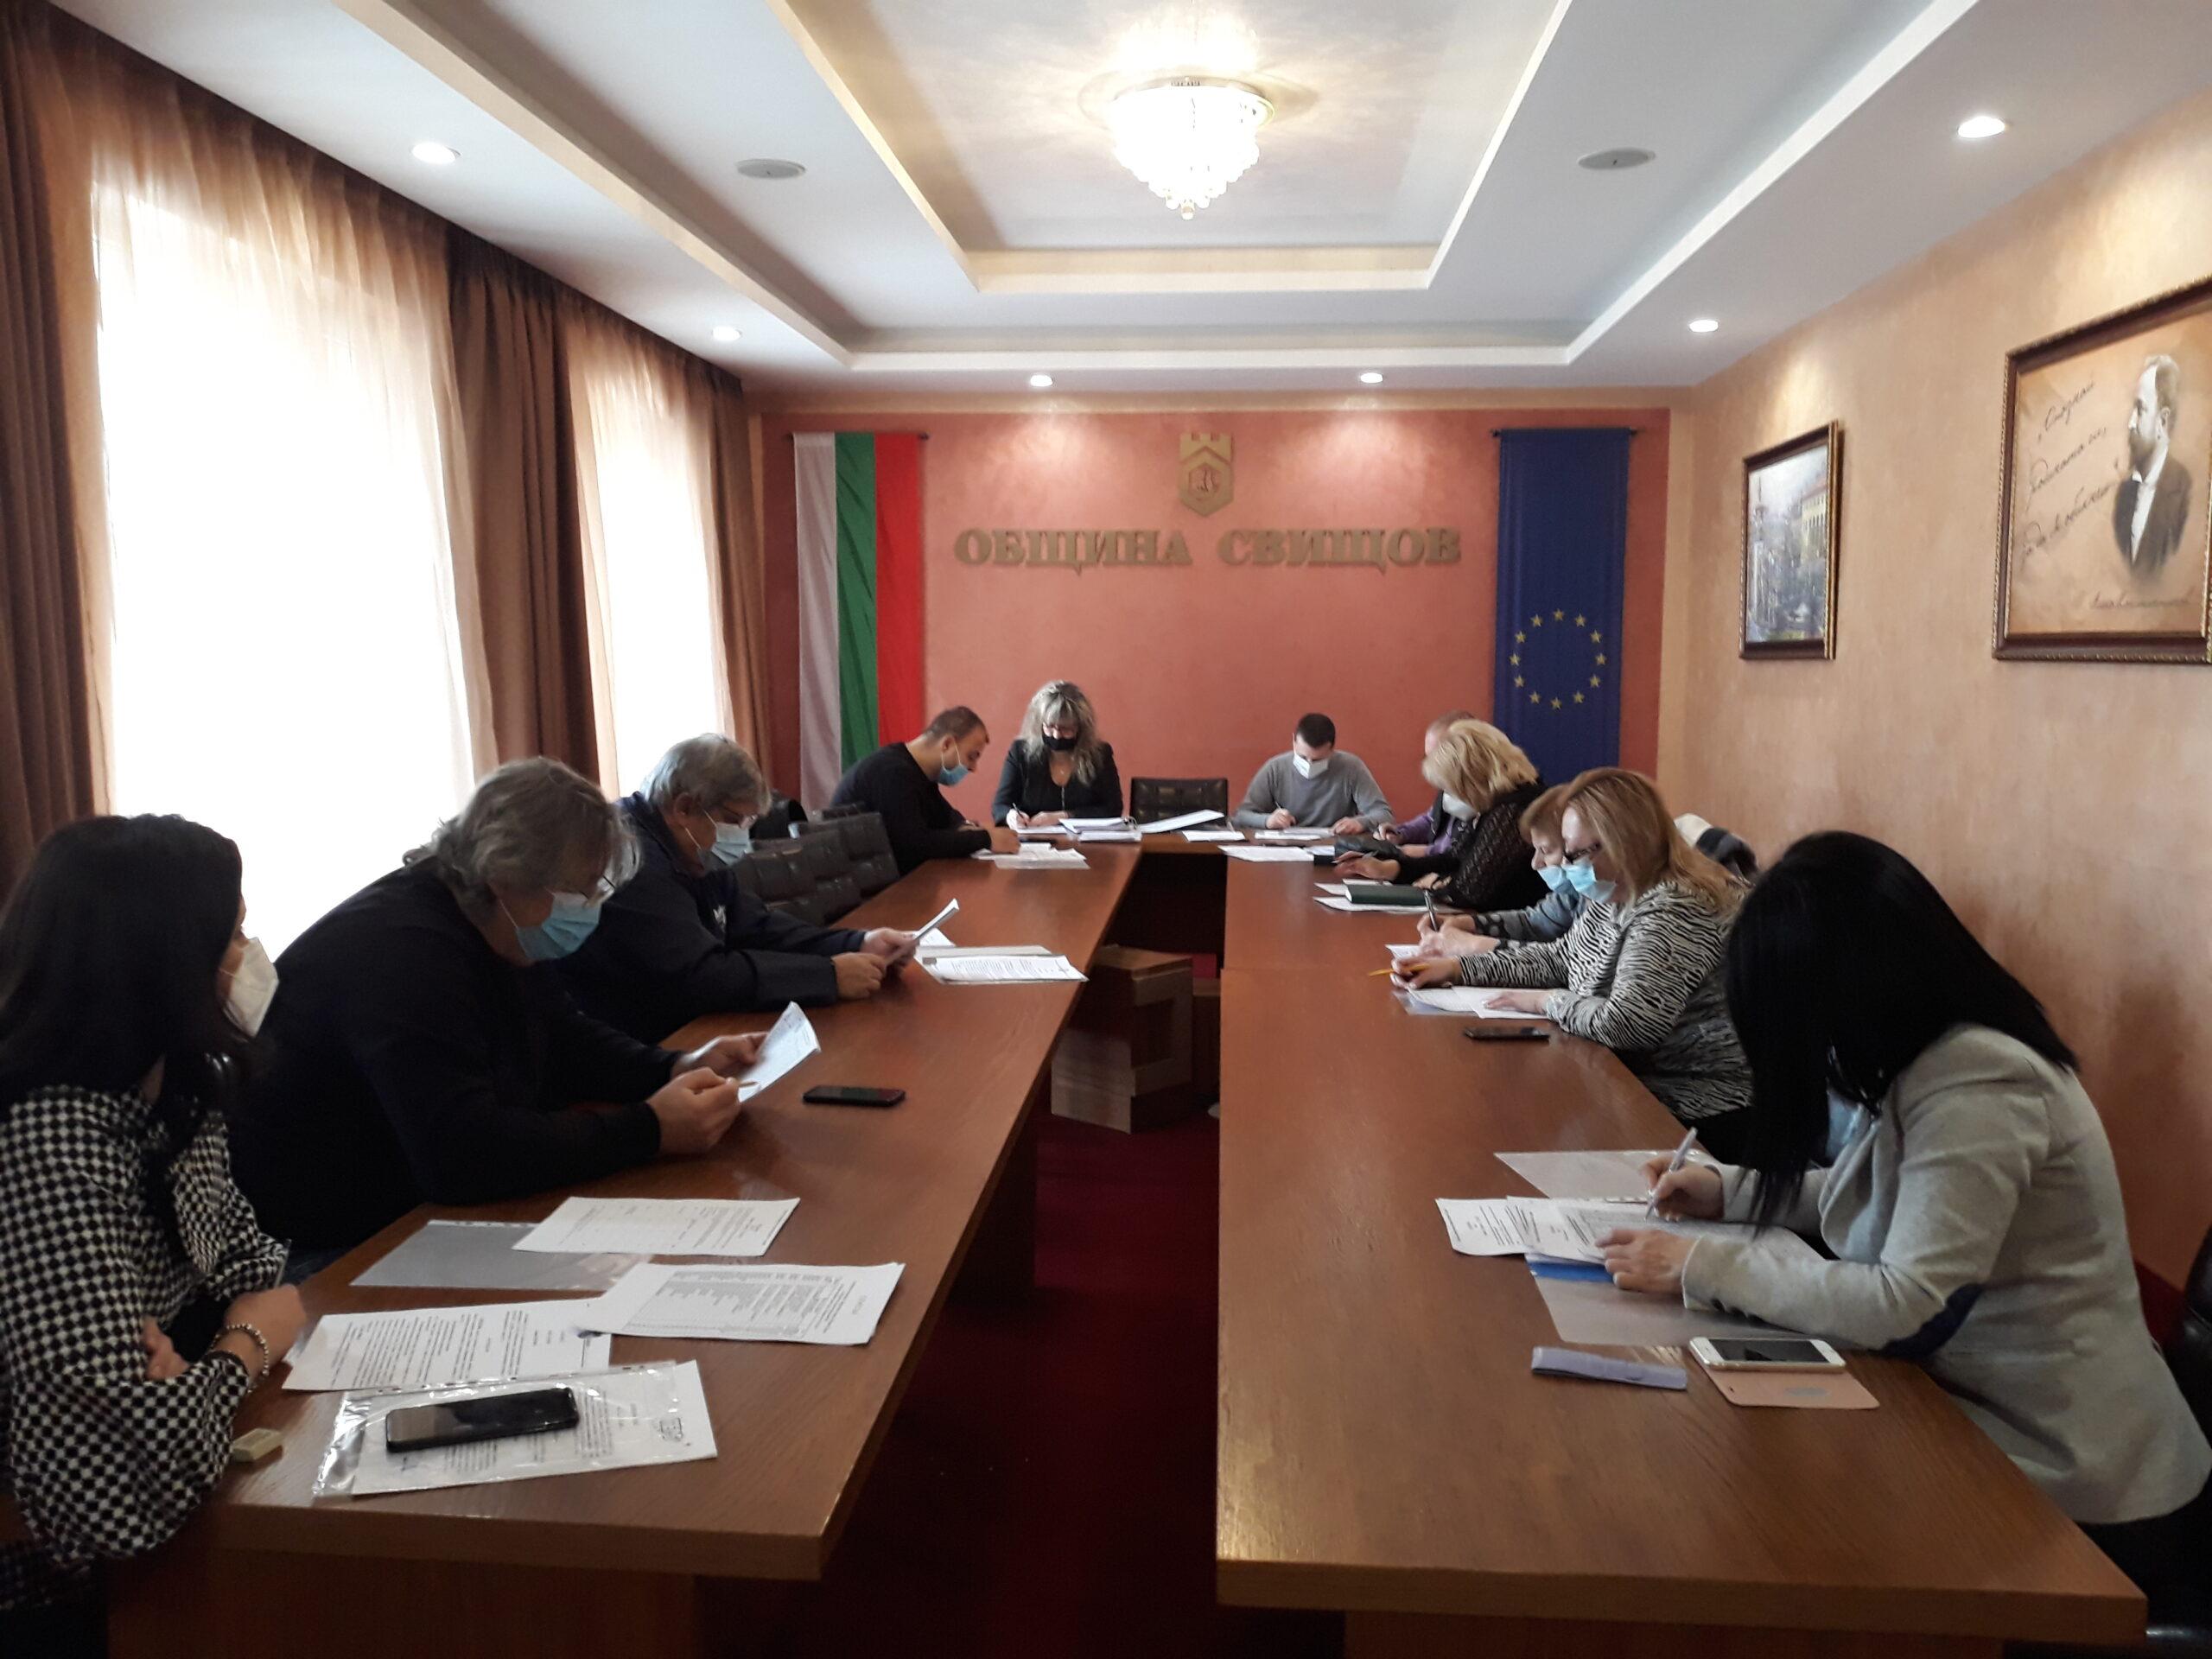 В община Свищов се проведоха консултациите за съставяне на СИК